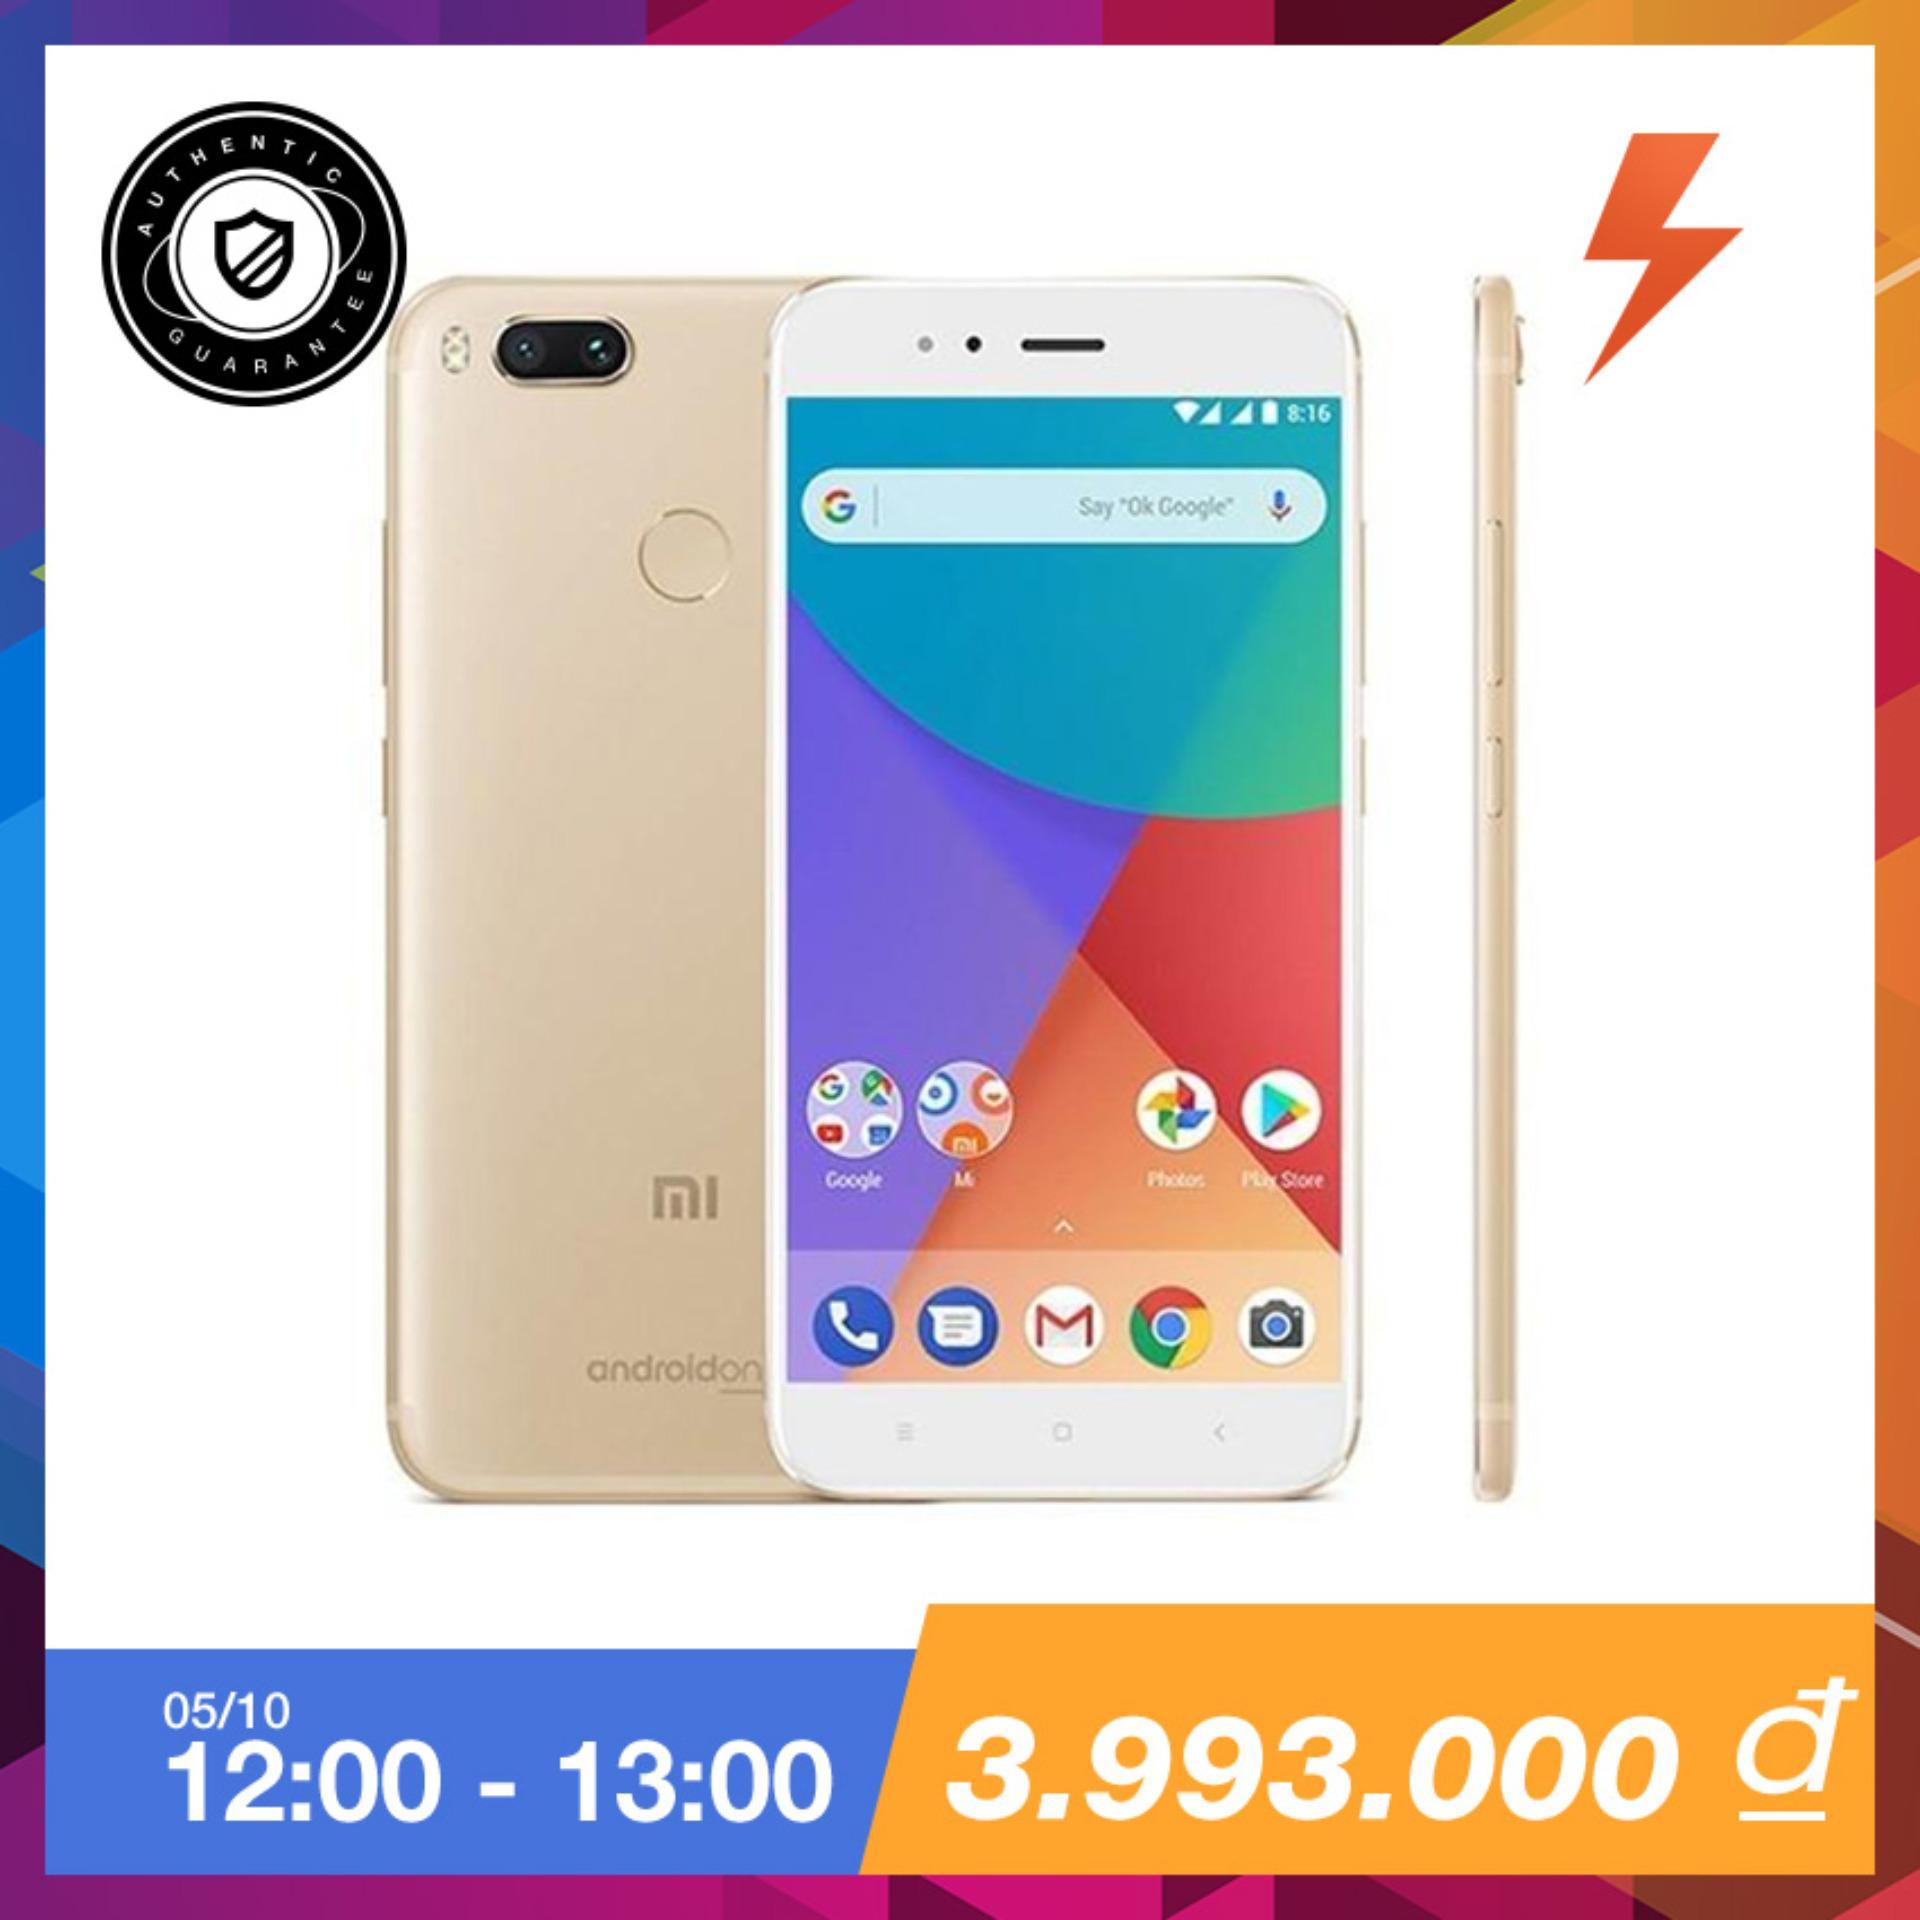 Xiaomi Mi A1 32Gb Ram 4Gb Duo Camera Vang Tặng Tai Nghe Xiaomi Bluetooth Headset Trị Gia 199 000 Vnđ Hang Phan Phối Chinh Thức Hồ Chí Minh Chiết Khấu 50